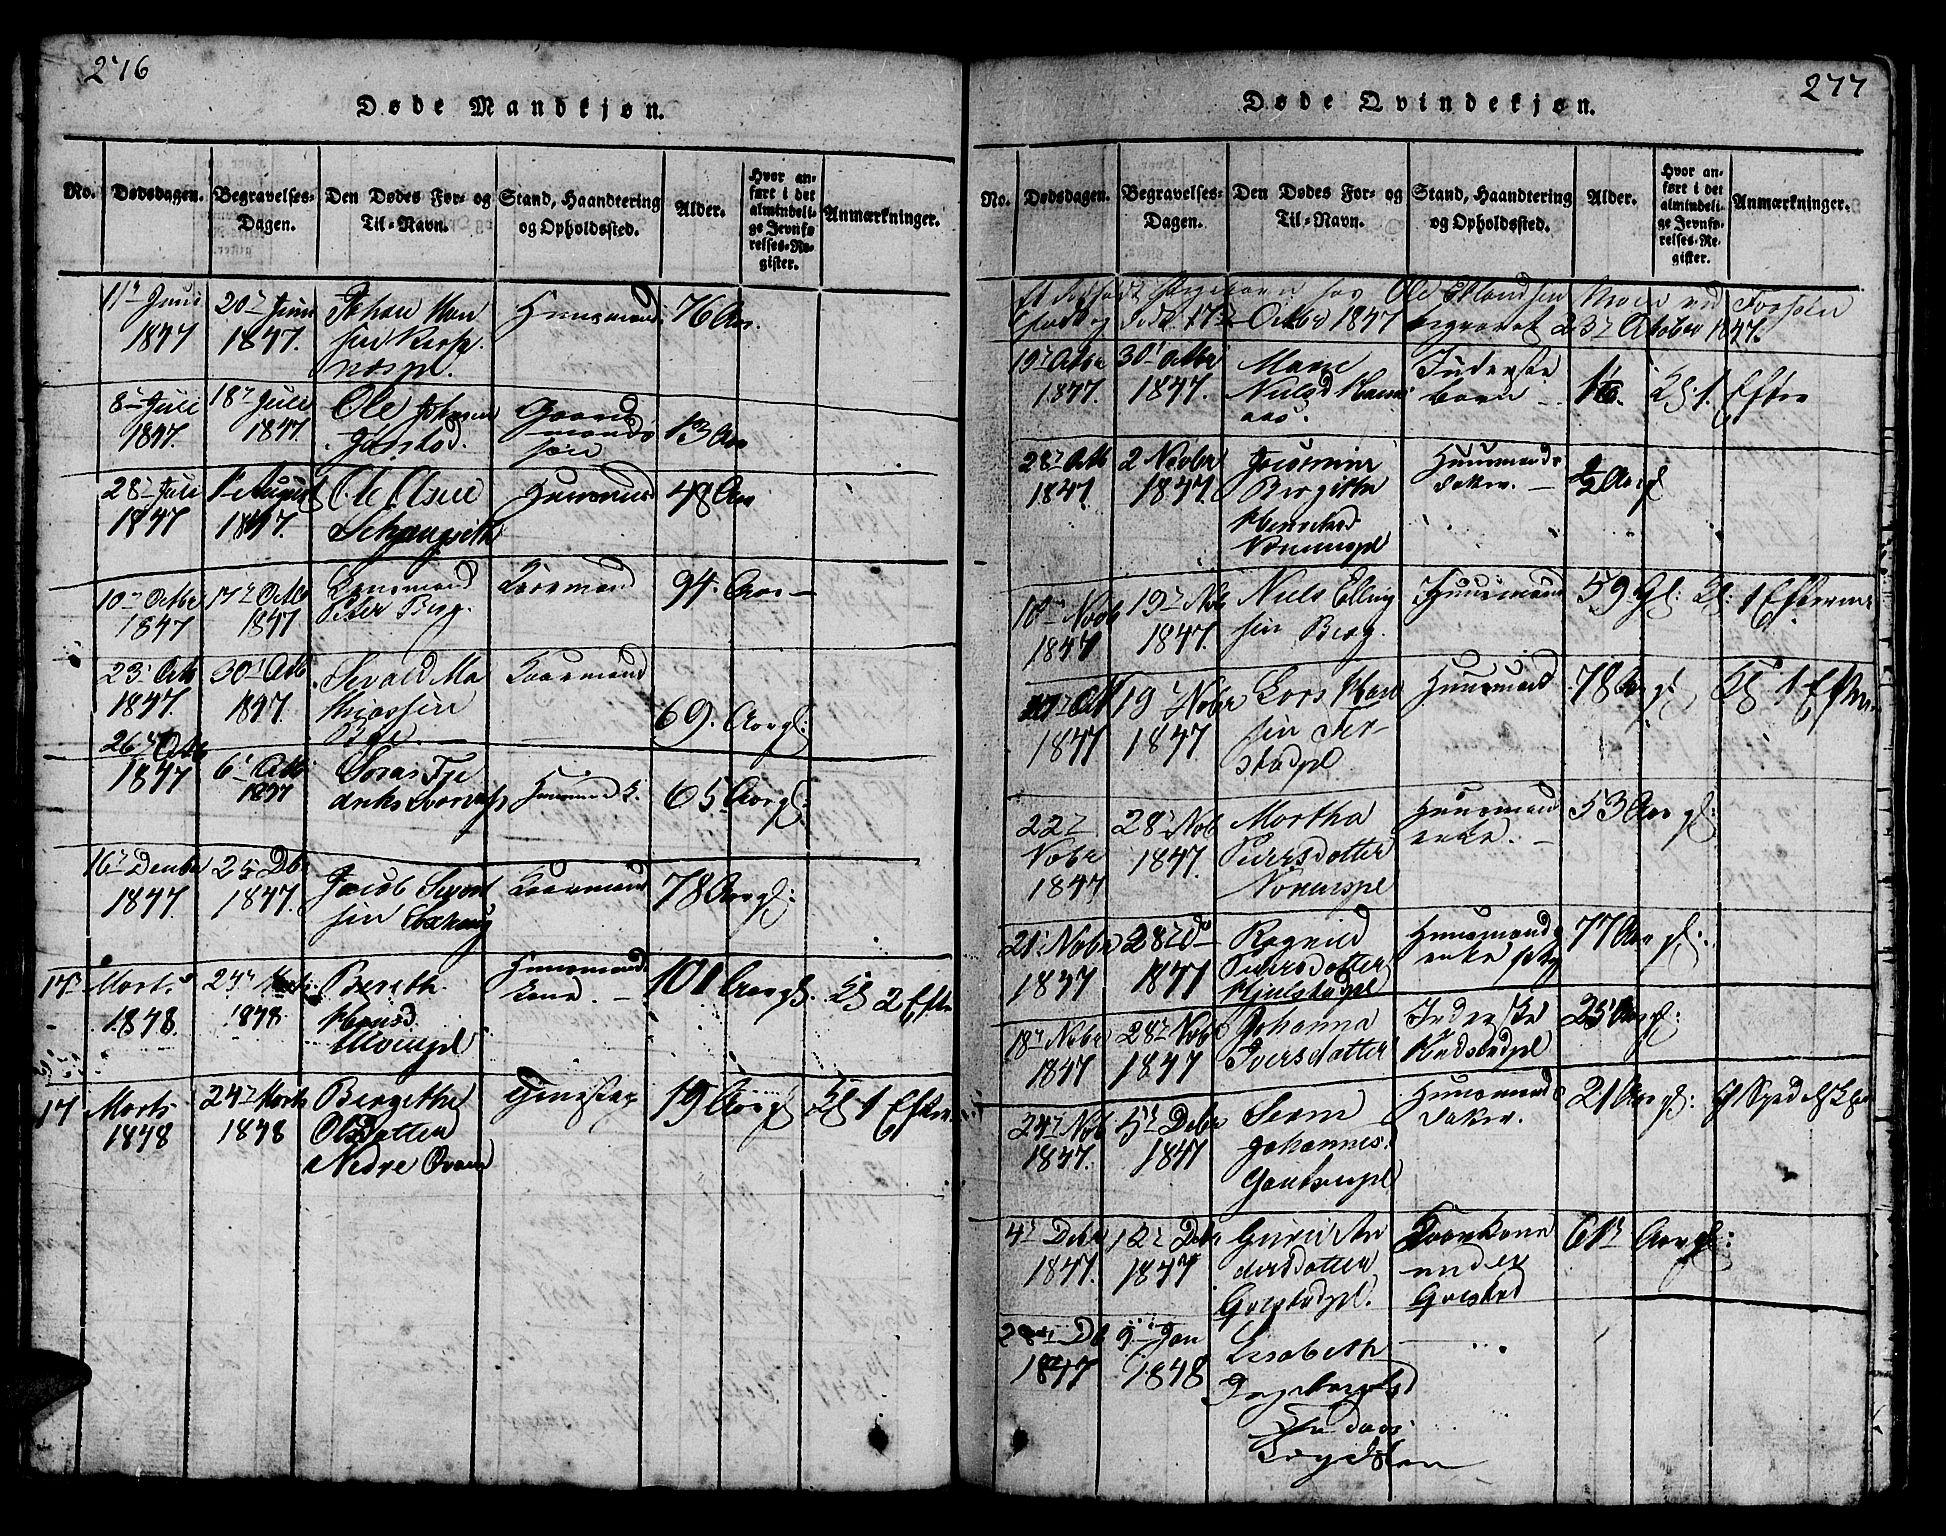 SAT, Ministerialprotokoller, klokkerbøker og fødselsregistre - Nord-Trøndelag, 730/L0298: Klokkerbok nr. 730C01, 1816-1849, s. 276-277